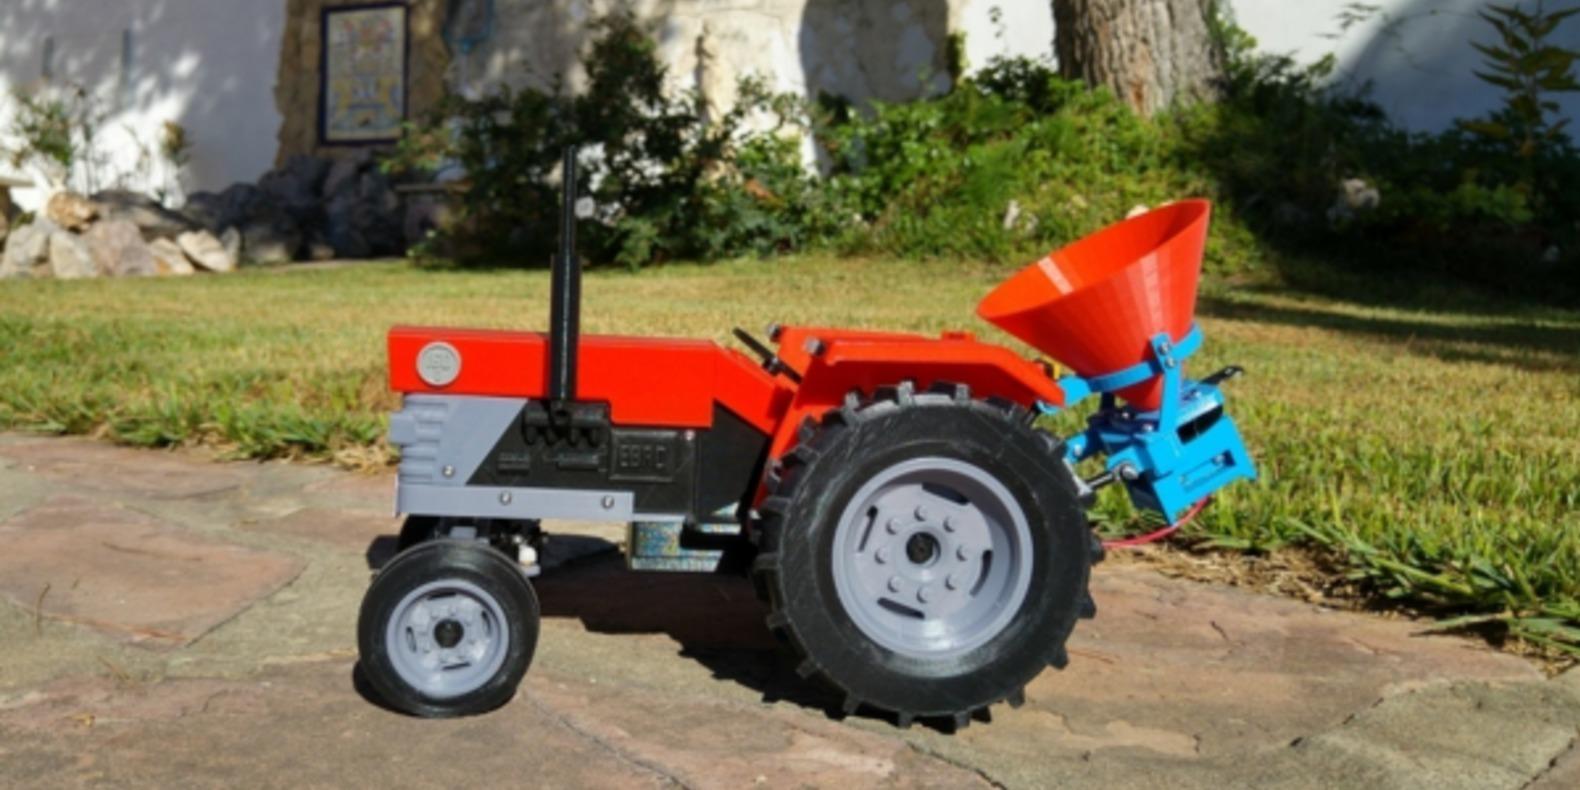 Tracteur-imprimé-en-3D-fichier-3D-cults-openRC-tractor-7.png